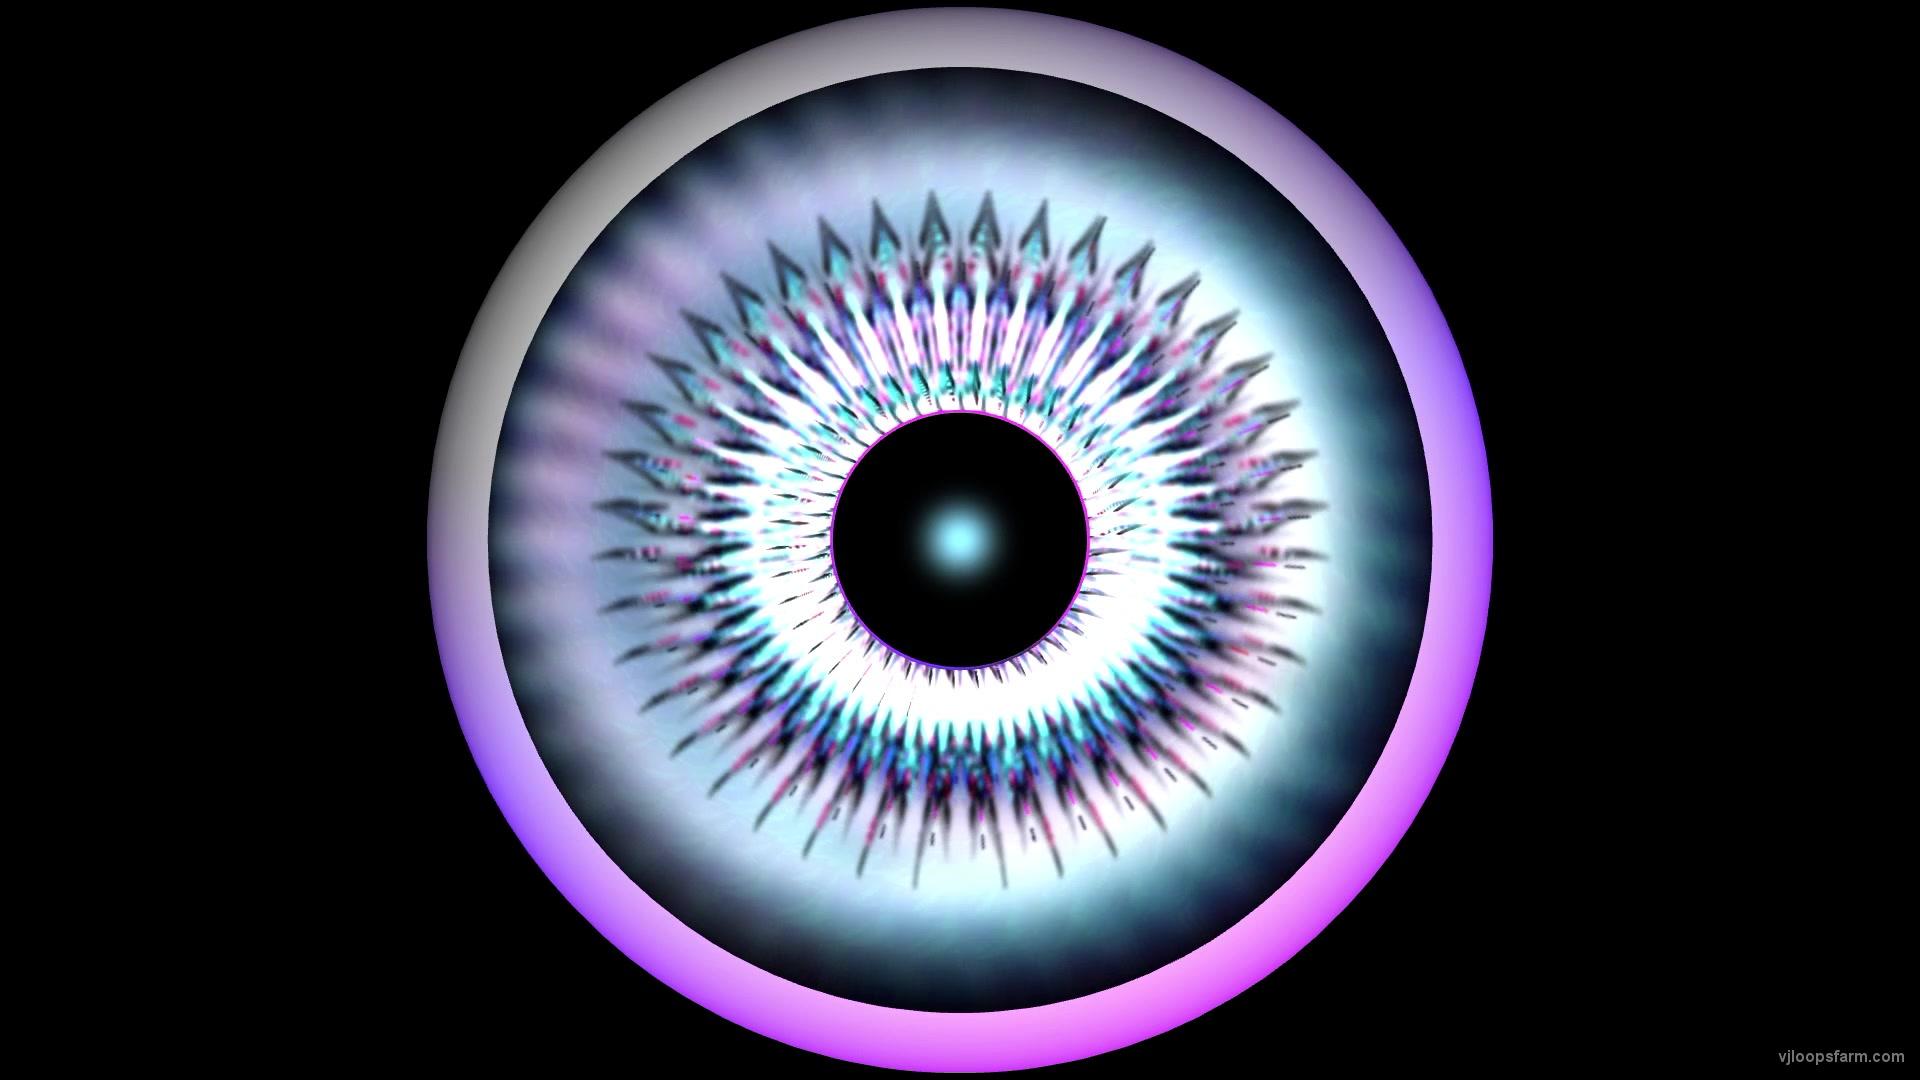 Mad Rave Psychedelic Eye Full HD 30fps VJ Loop | Download at VJ Loops Farm